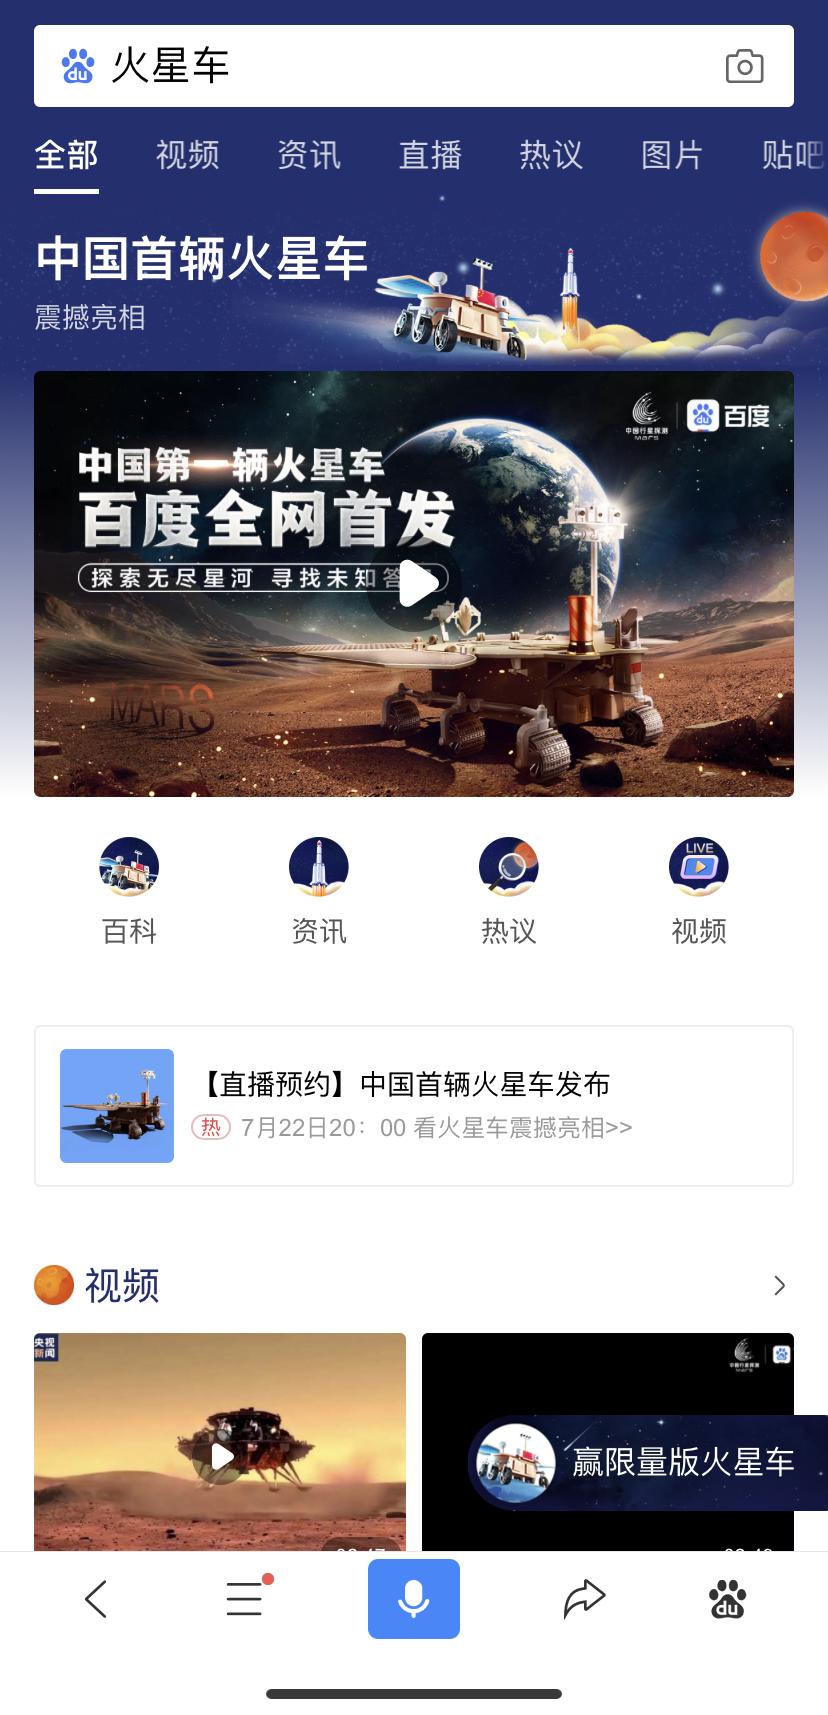 http://www.weixinrensheng.com/kejika/2198480.html